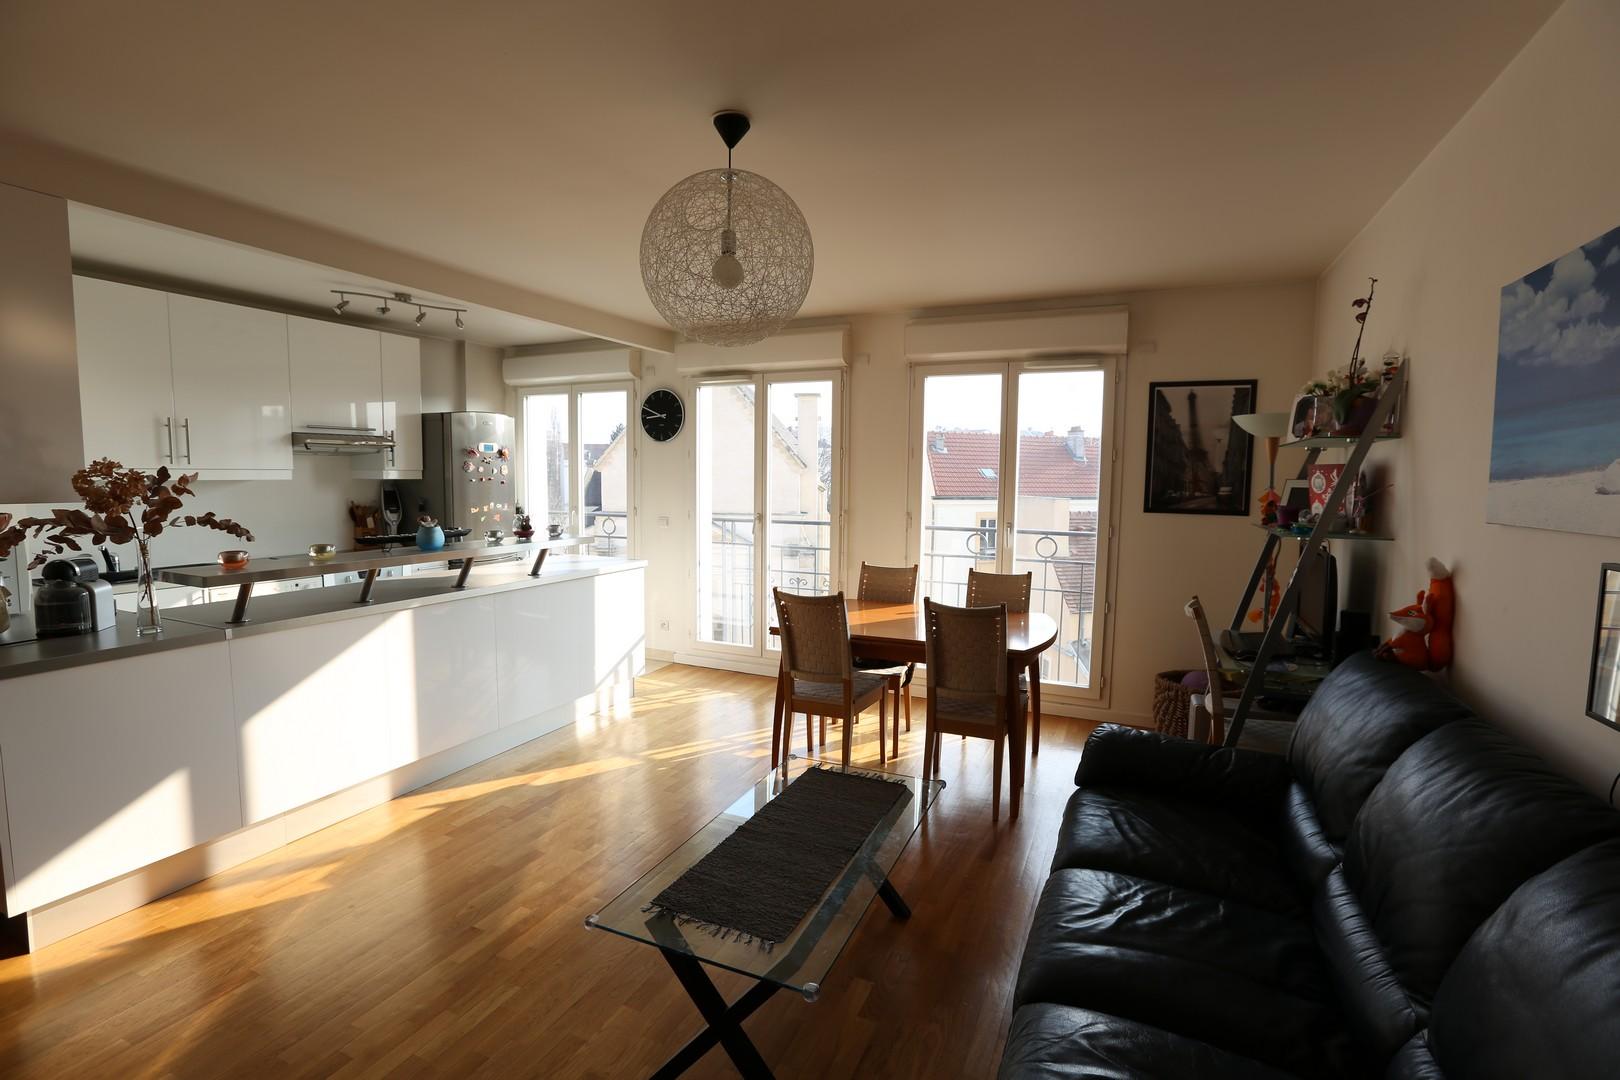 Cuisine moderne ouverte sur salon: belle maison architecte phil ...